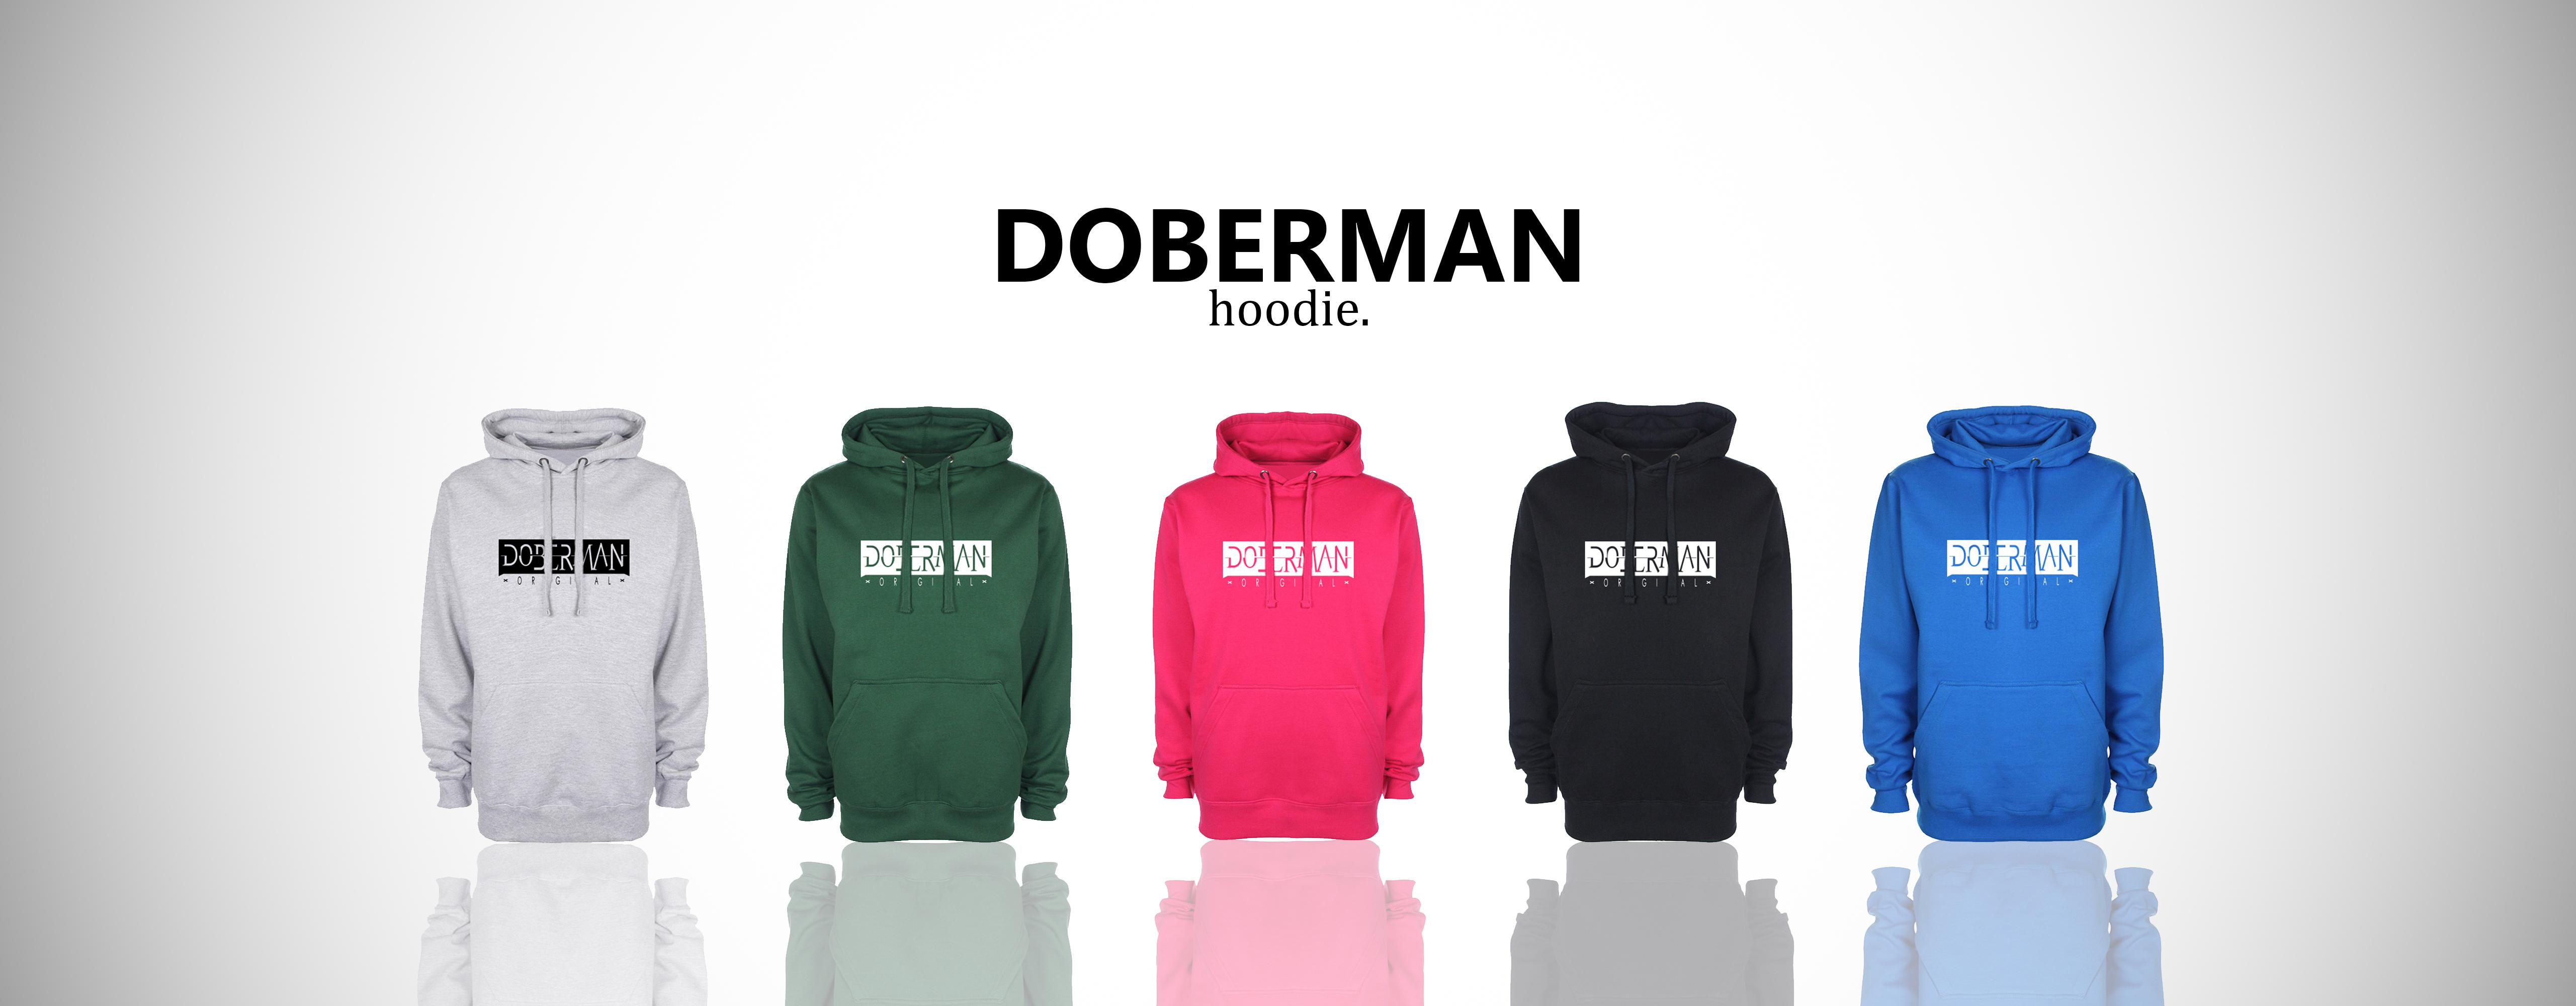 doberman_hoodie